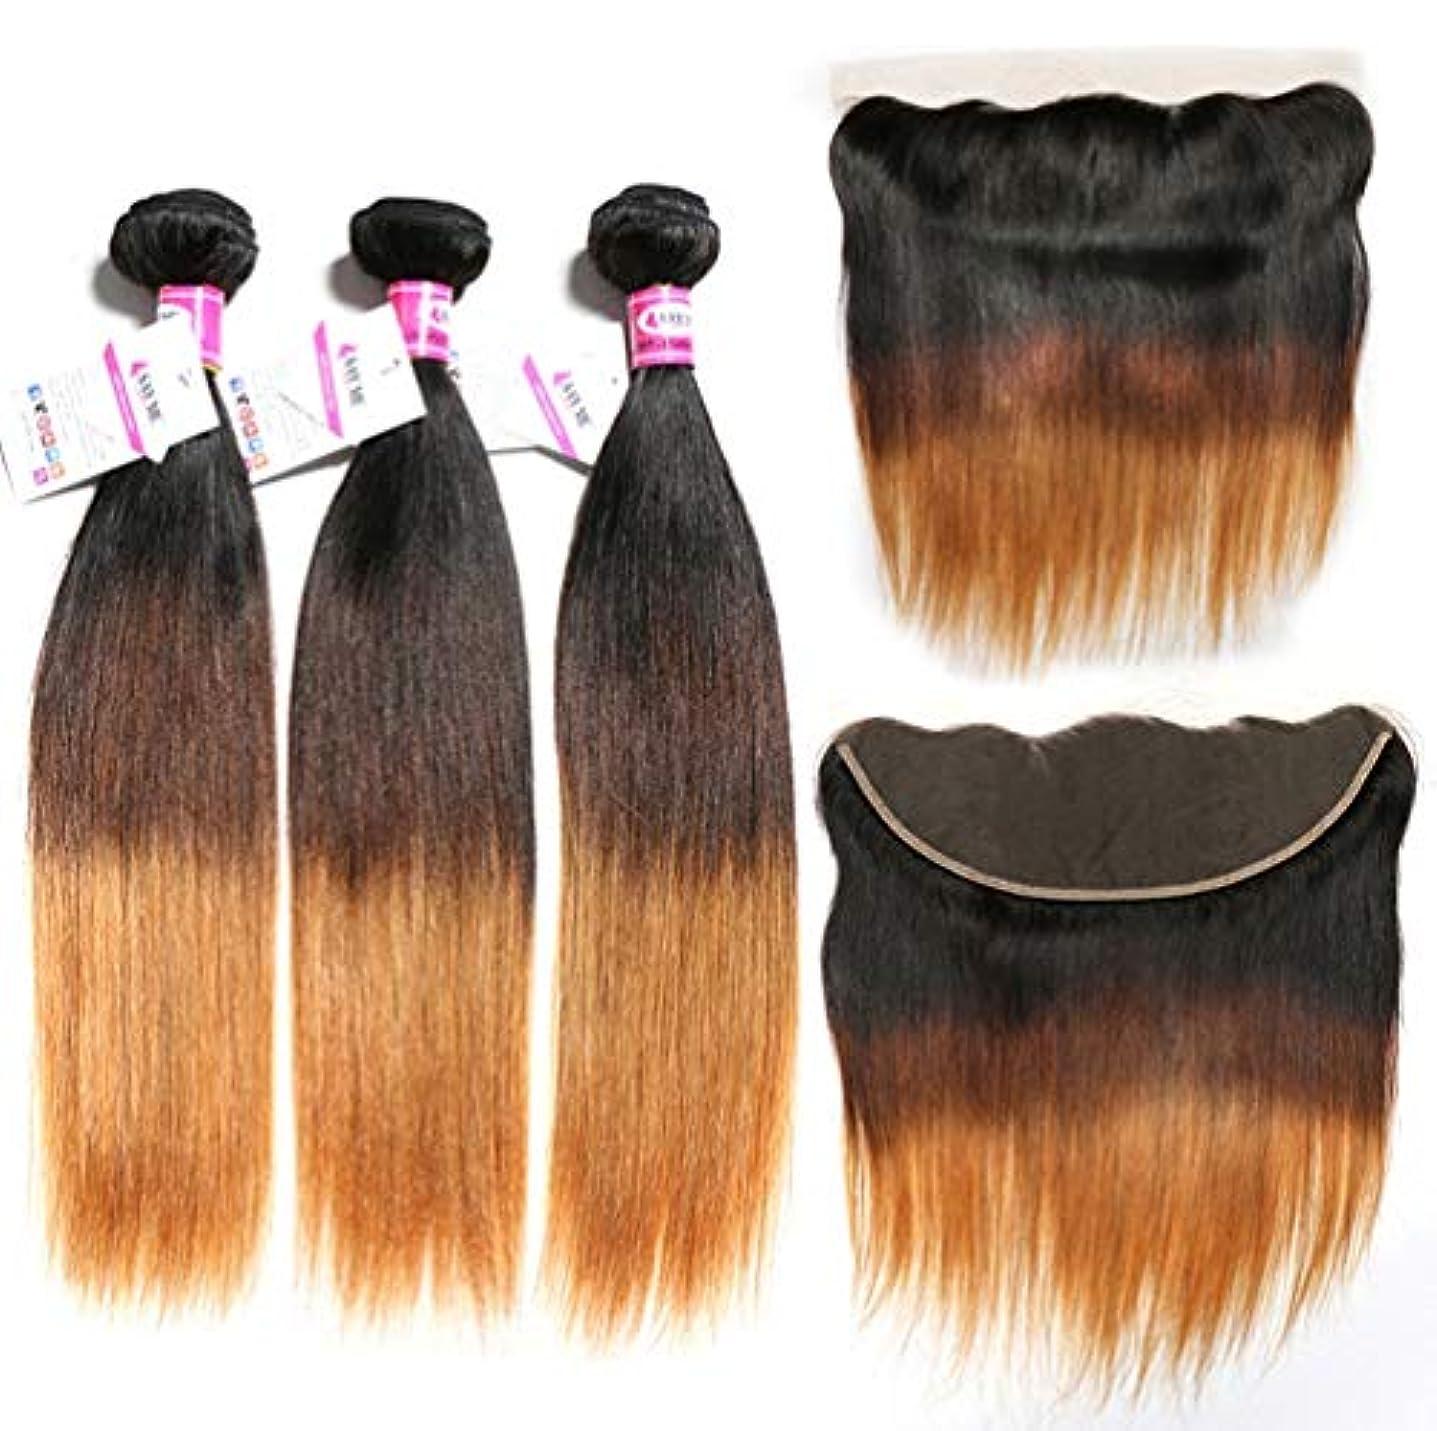 モニカ評決虐待ブラジルの100%の人間の毛髪の束の閉鎖のまっすぐな実質のRemyの自然な毛は延長延長よこ糸3の束+ 1を閉めました